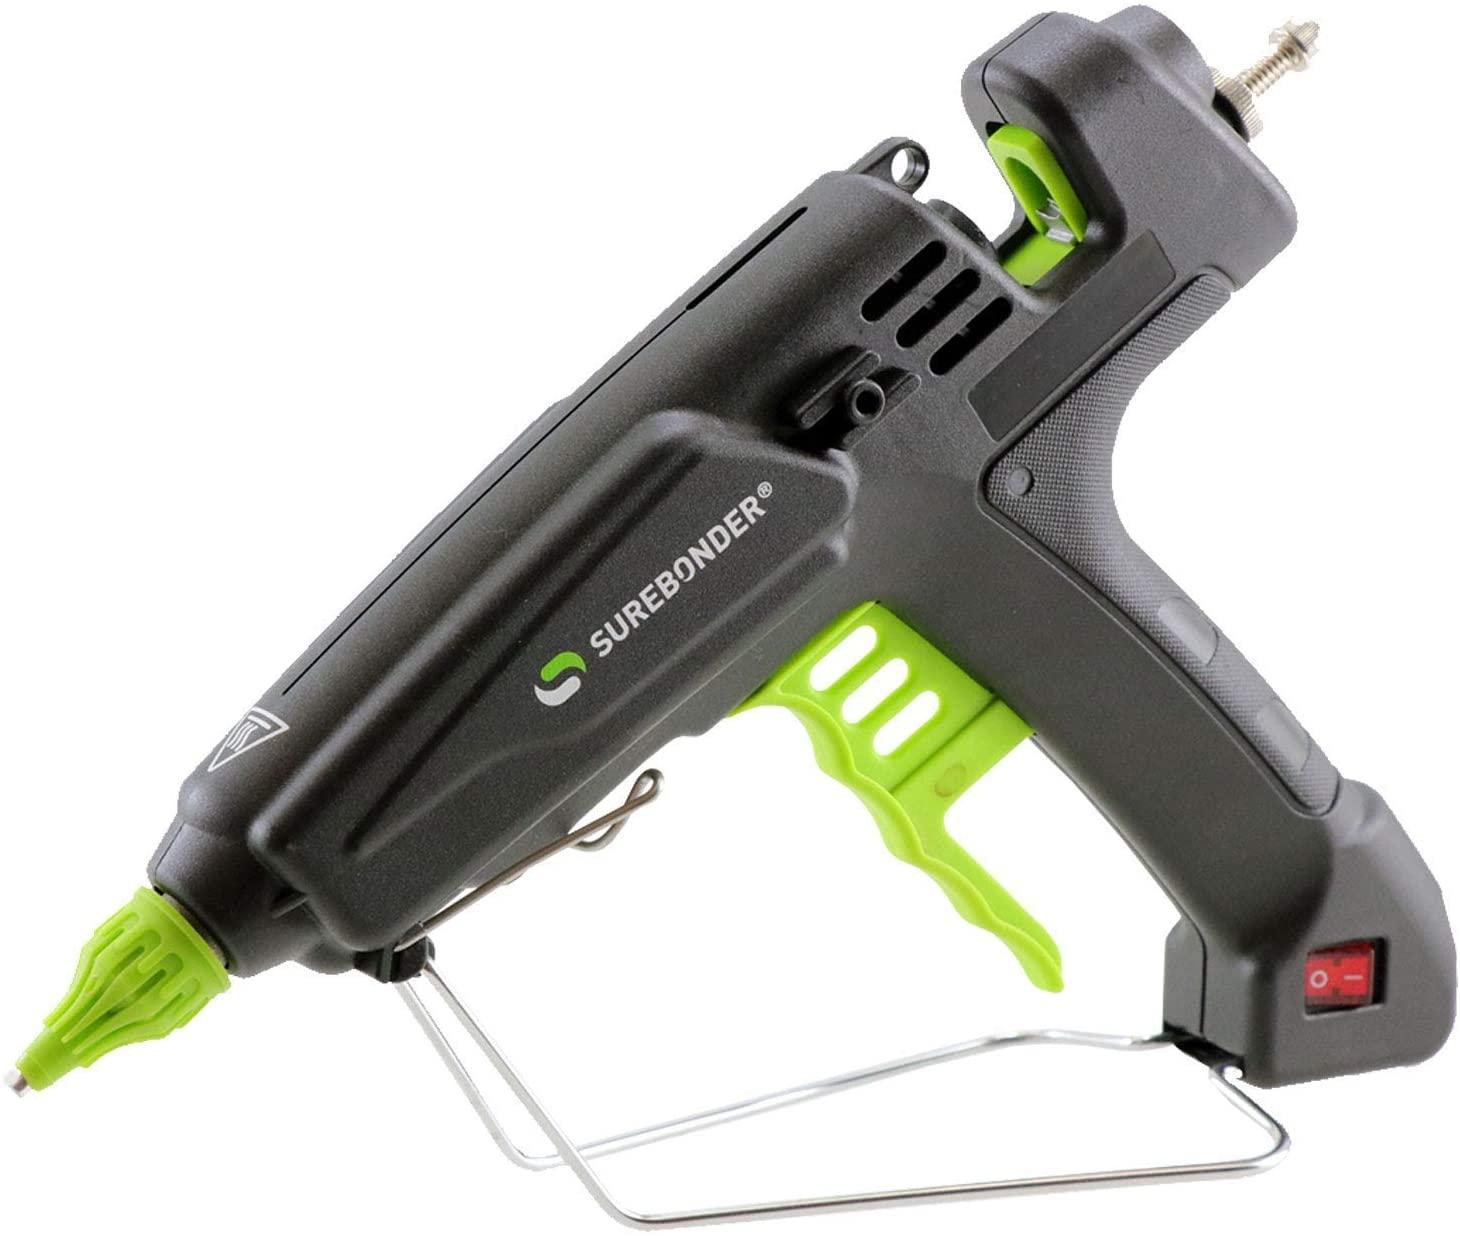 Surebonder Glue Gun, 180-watt